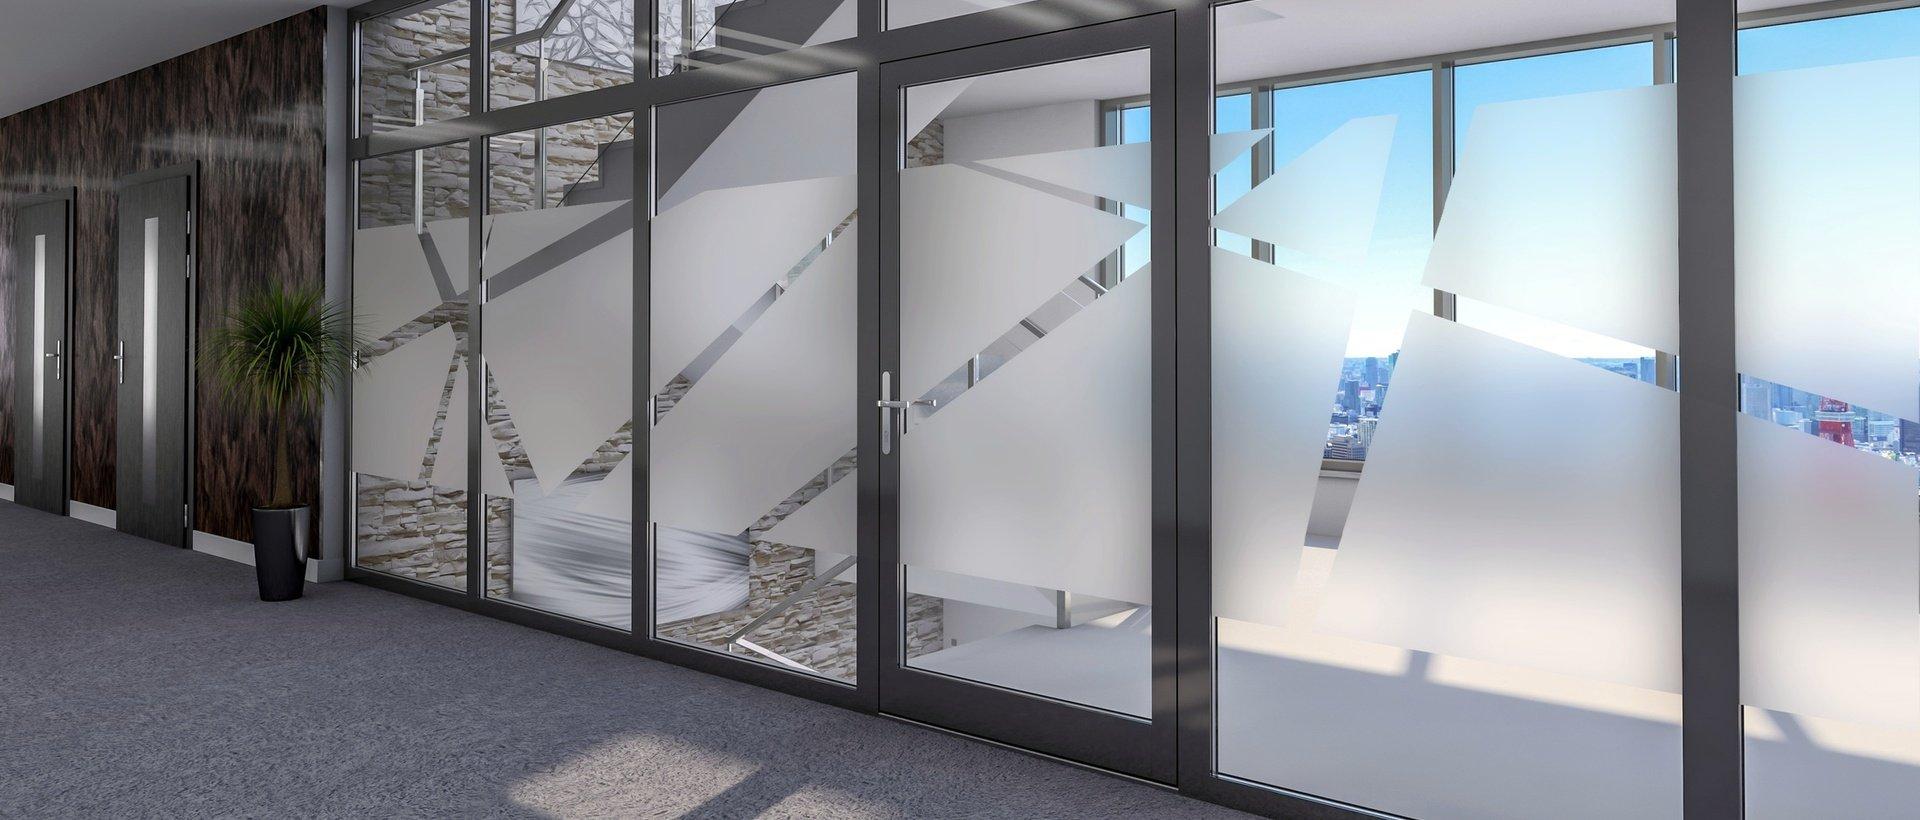 Joint Phonique Porte Coulissante drutex s.a. - porte en aluminium mb-45